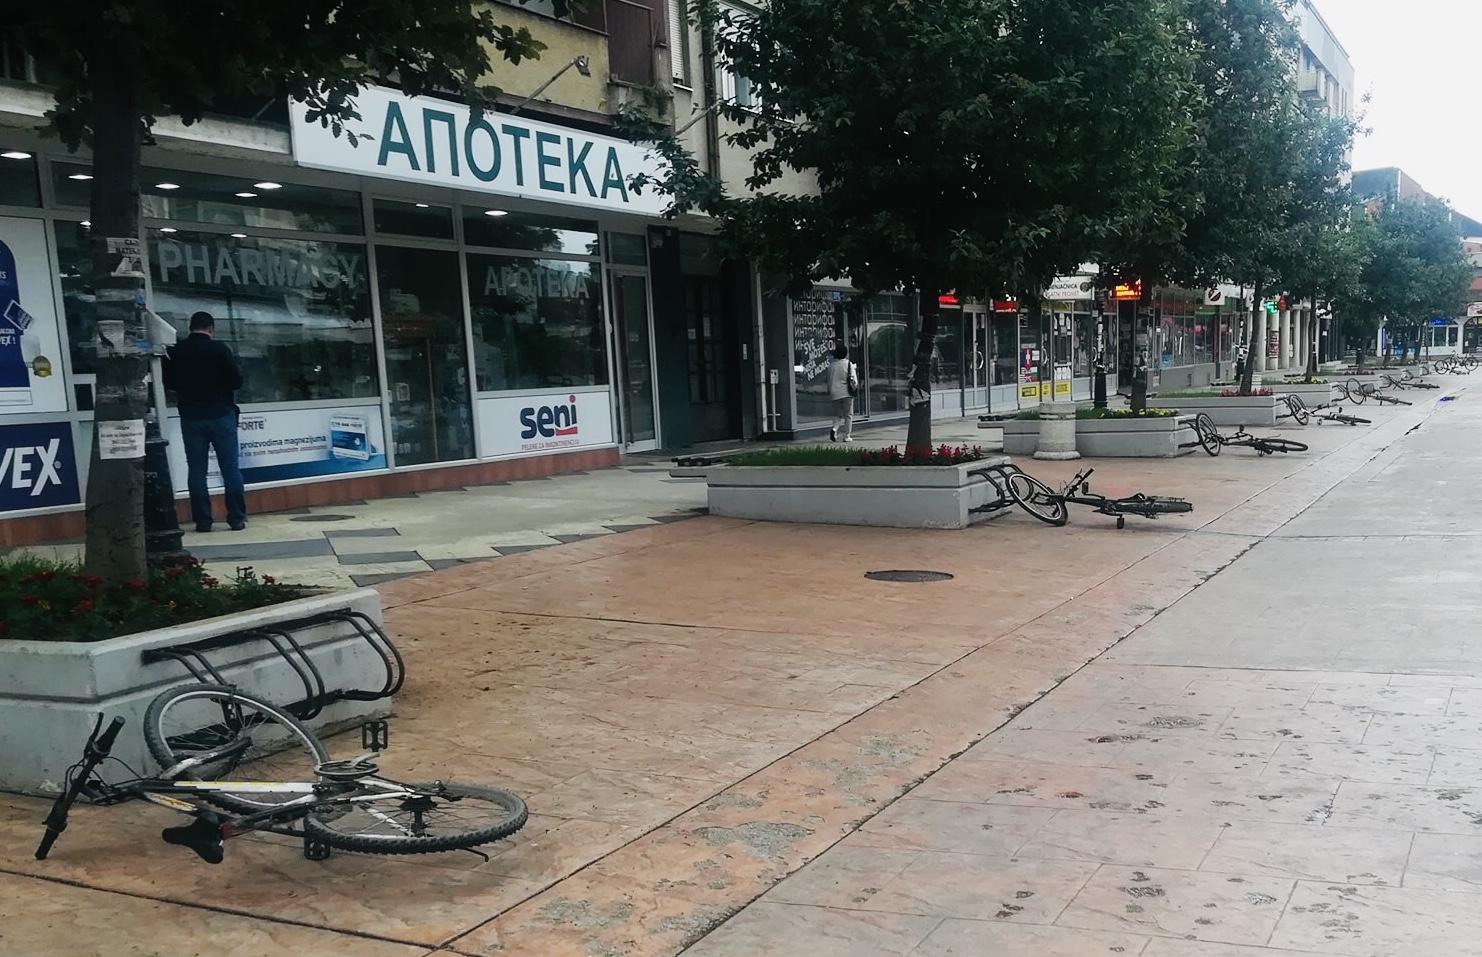 Photo of Nepoznati izgrednici iskalili svoj bes ba parkiranim biciklima u najstrožem centru grada